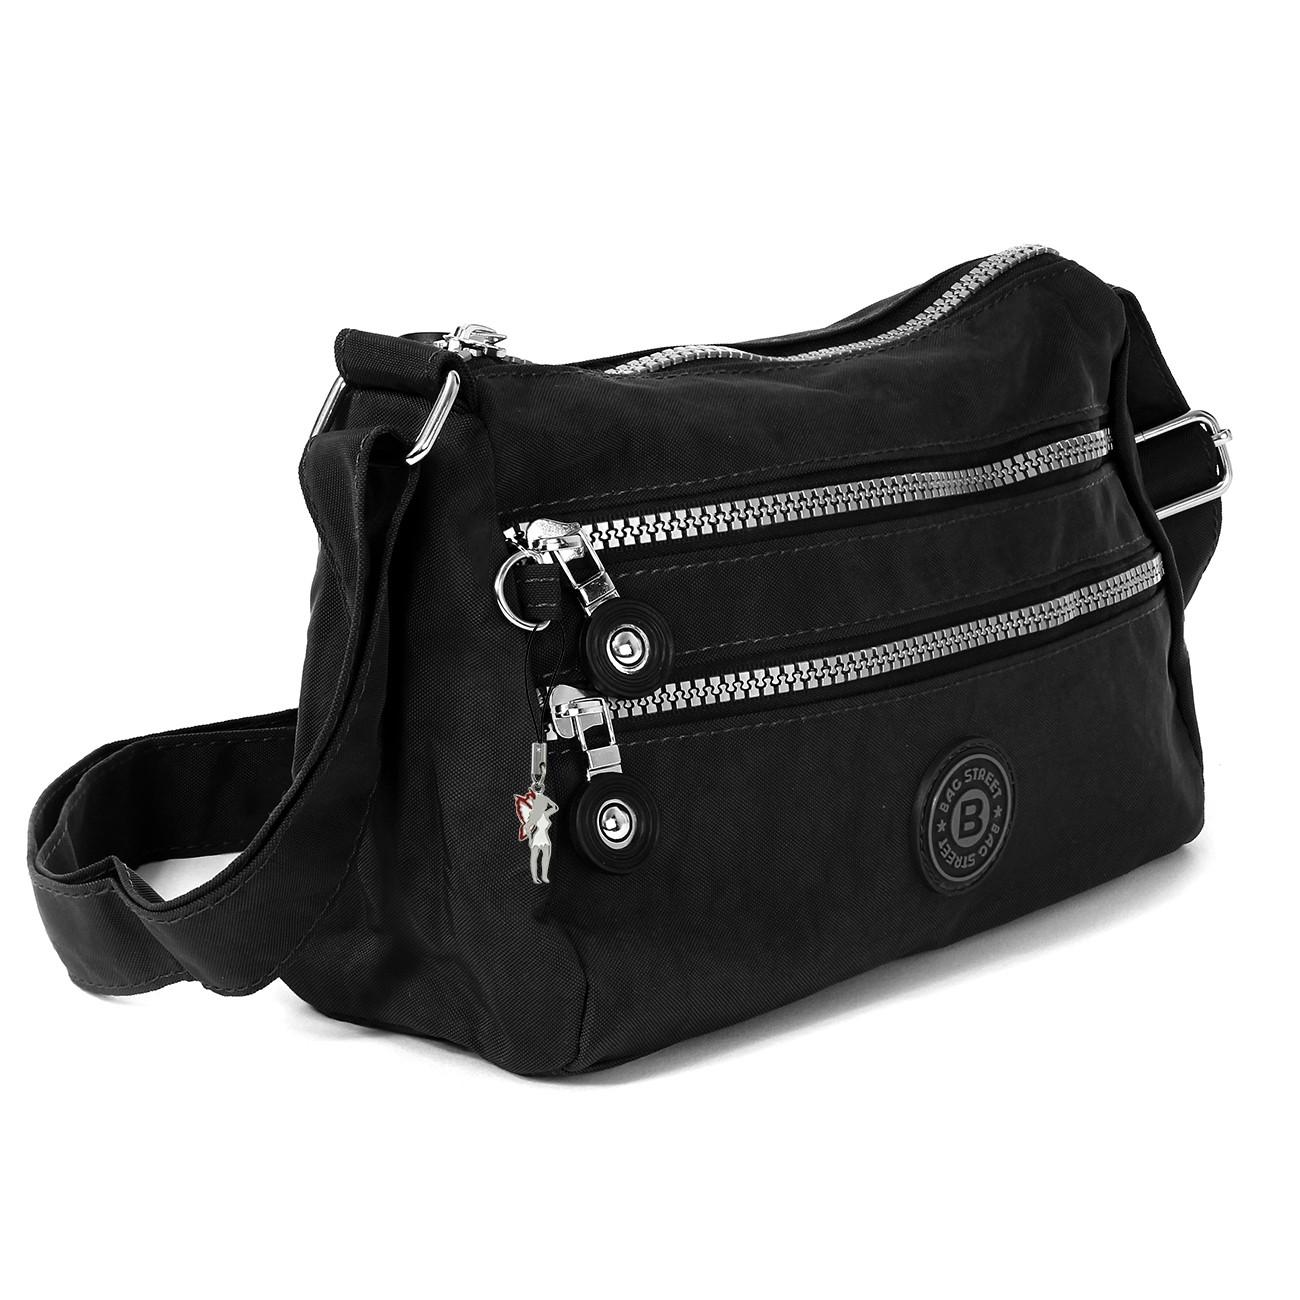 Umhängetasche Nylon schwarz Sportliche Damen Handtasche Bag Street OTJ229S